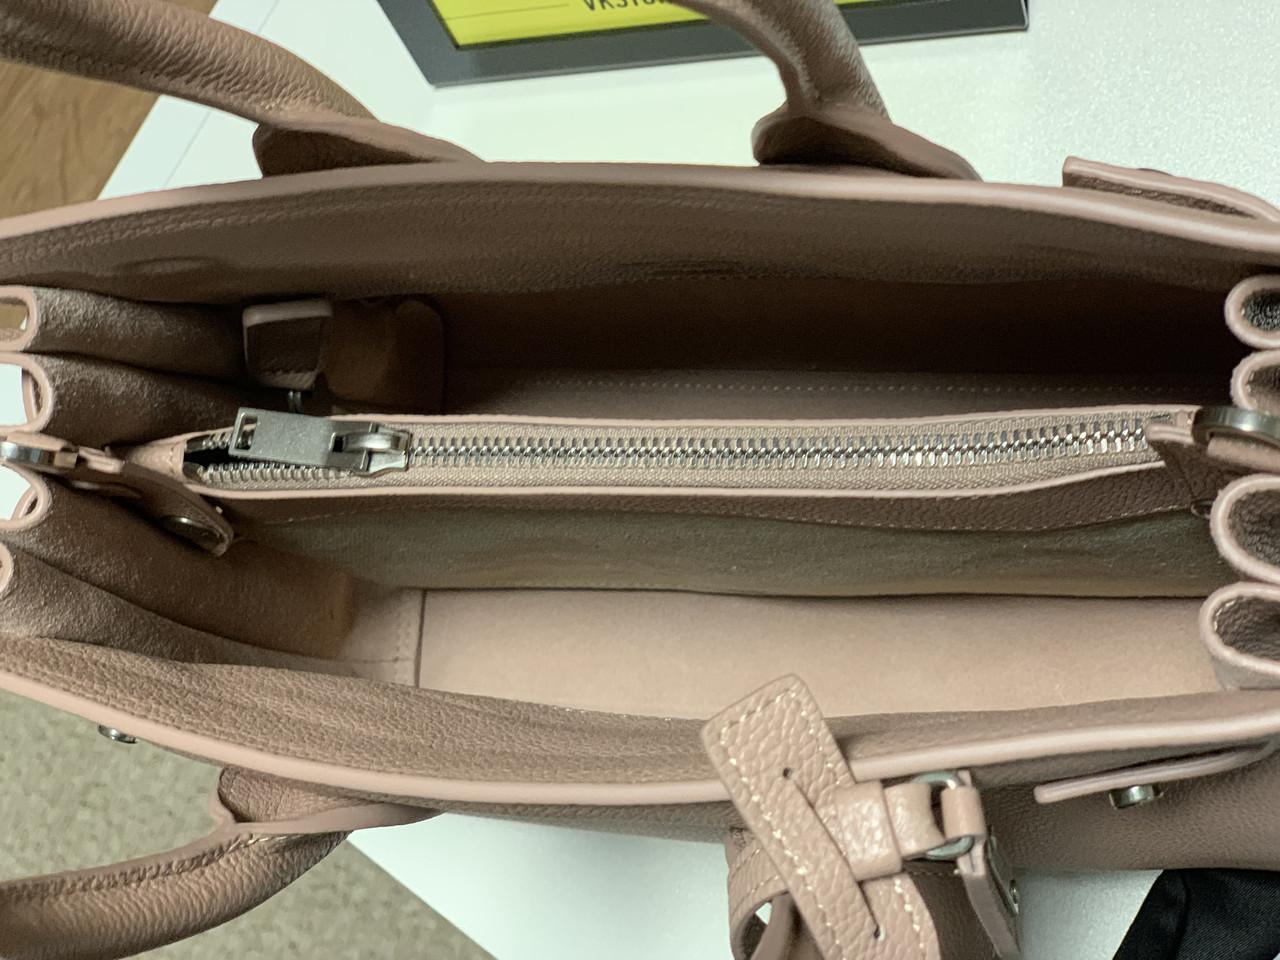 7026aea156ac Женская сумка YSL: заказ, цены в Киеве. женские сумочки и клатчи от ...